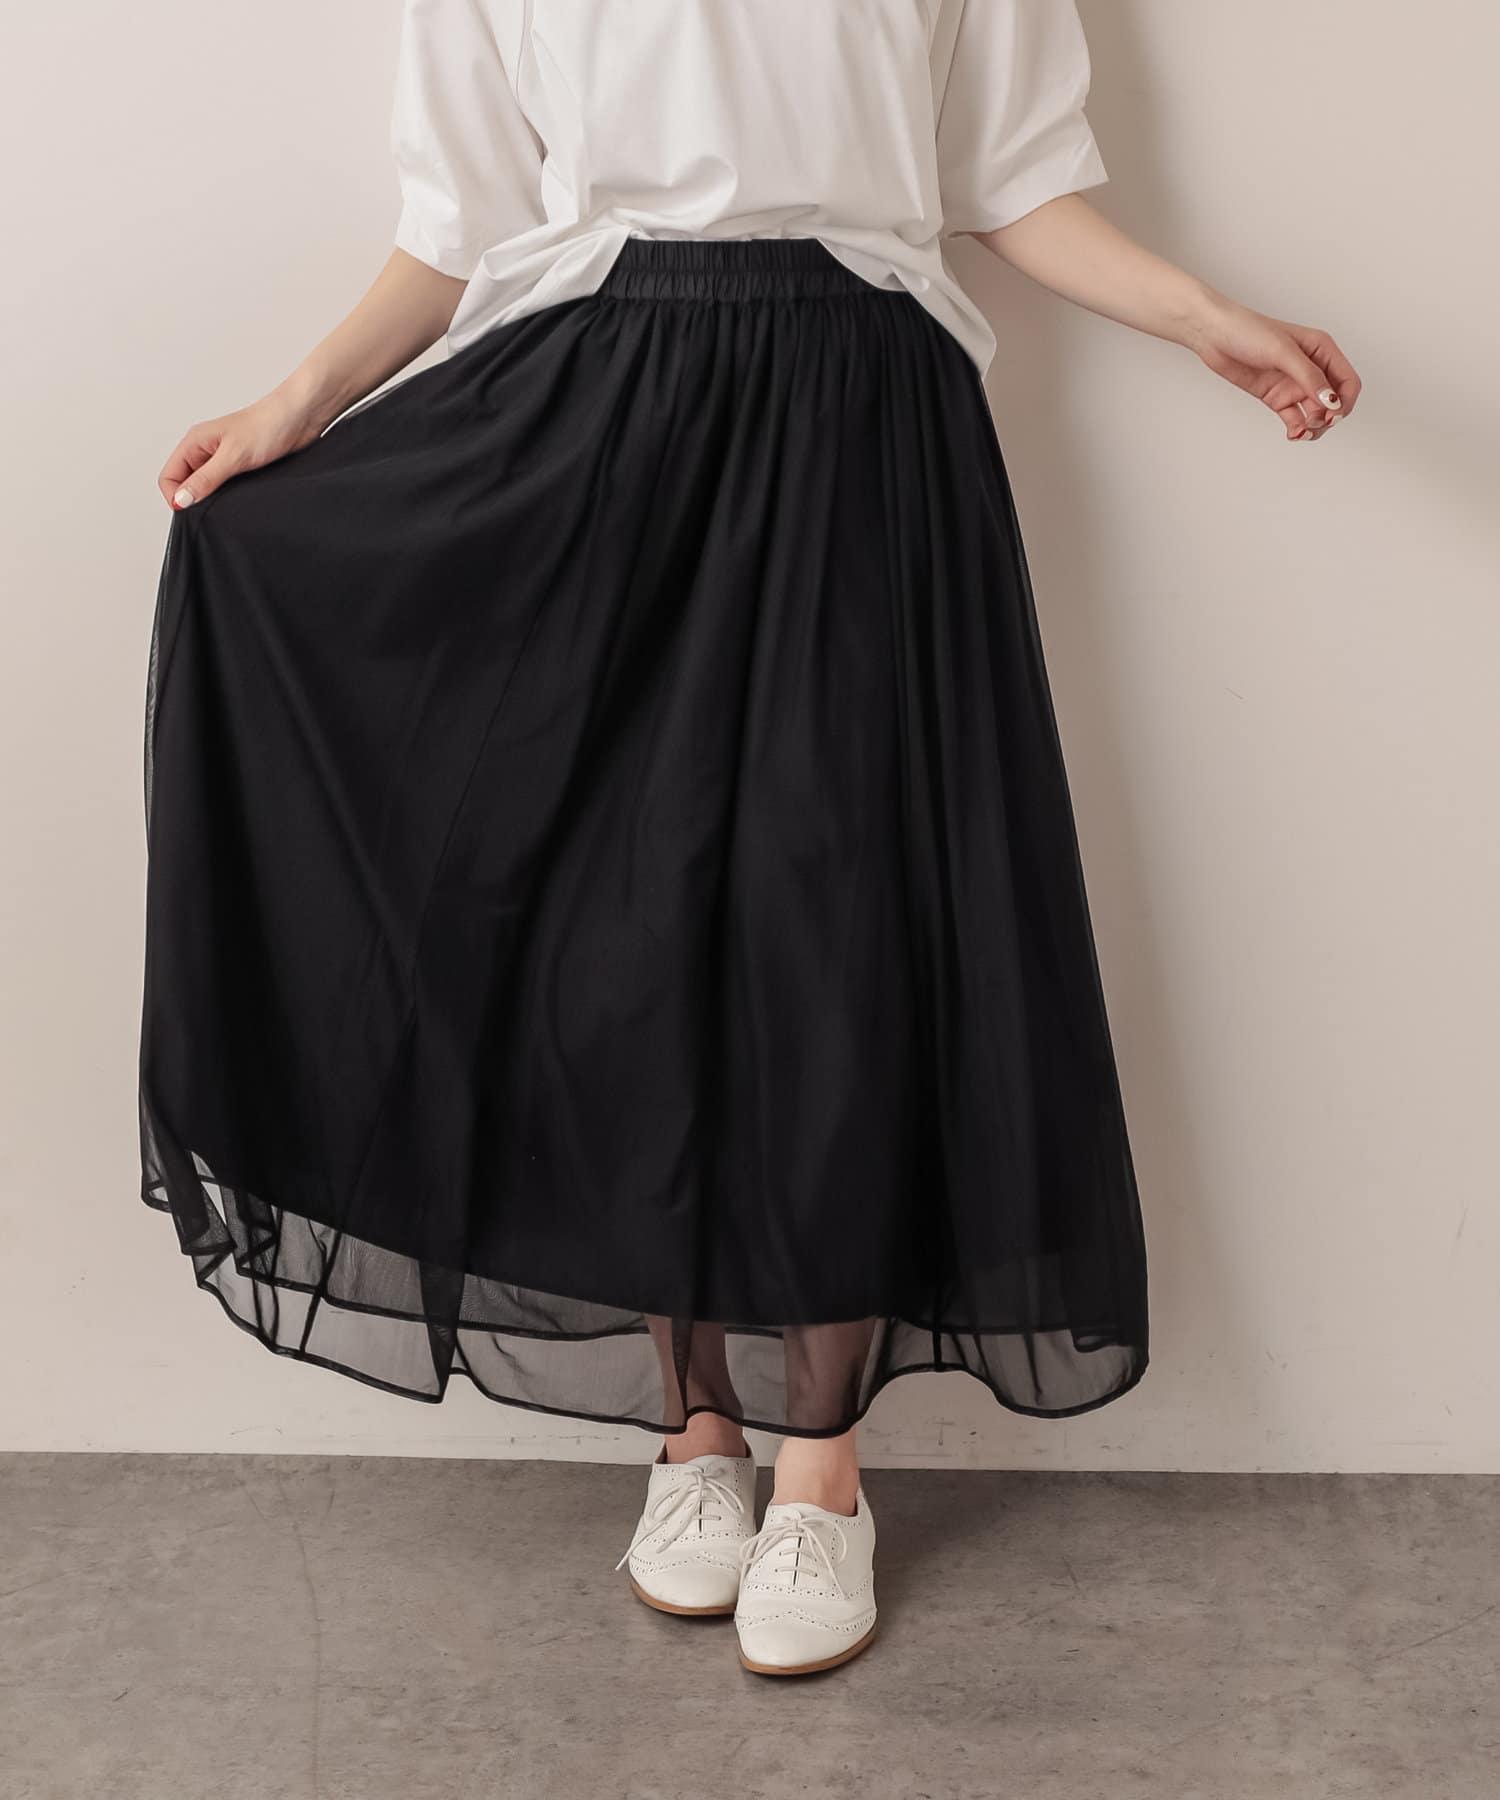 pual ce cin(ピュアルセシン) 【Du noir・WEB限定】チュールスカート